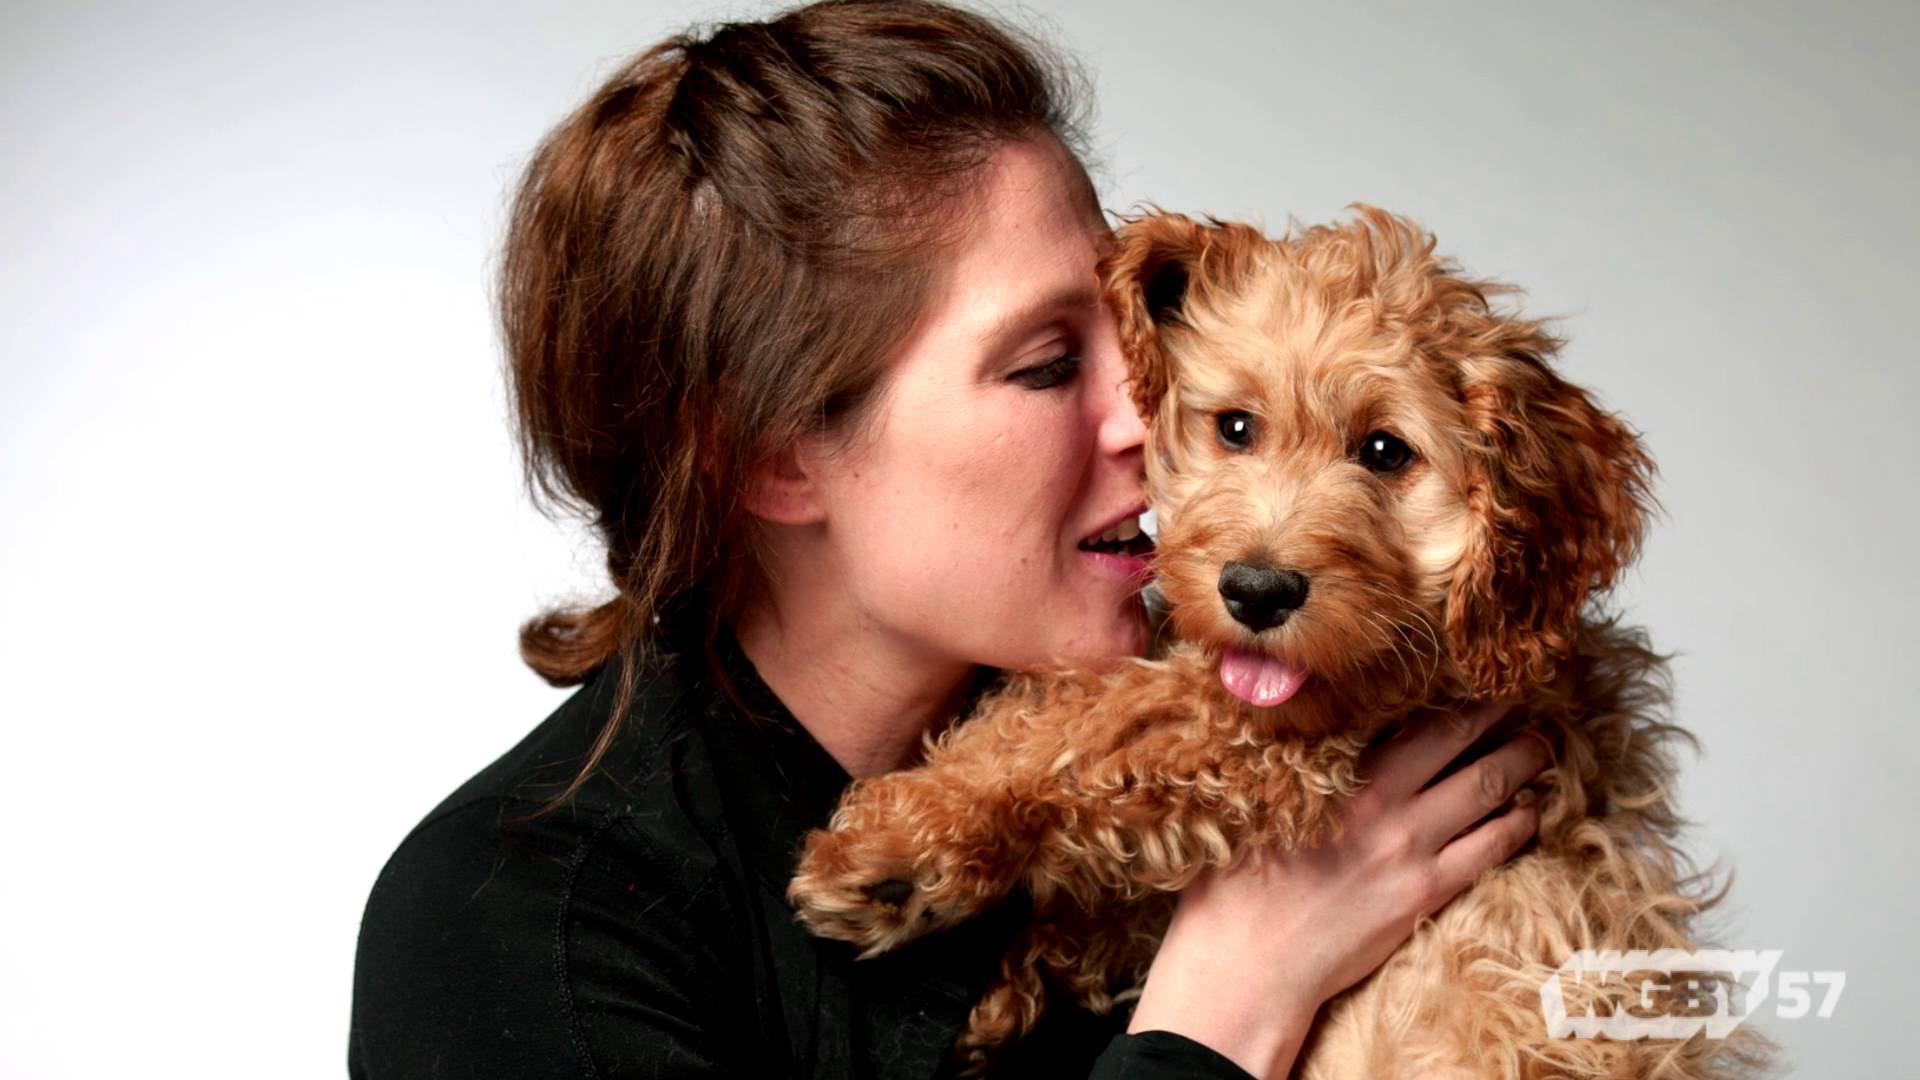 Making It Here: Dog Photographer Amanda Jones